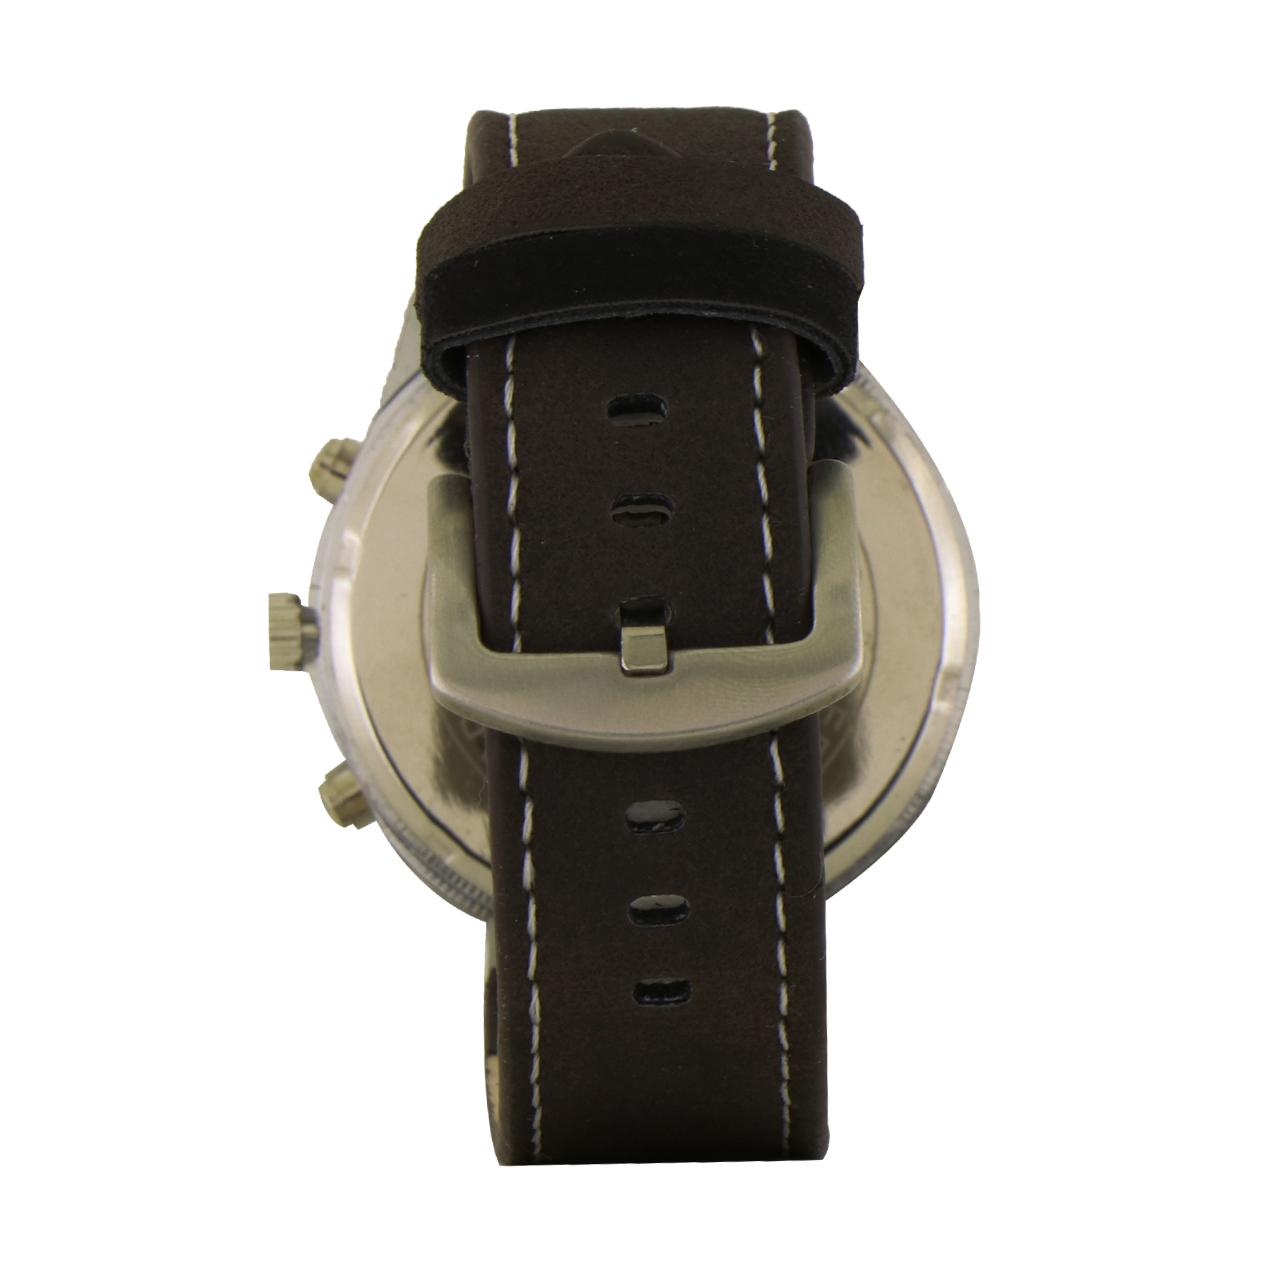 ساعت مچی عقربه ای مردانه مدل R-5236gm